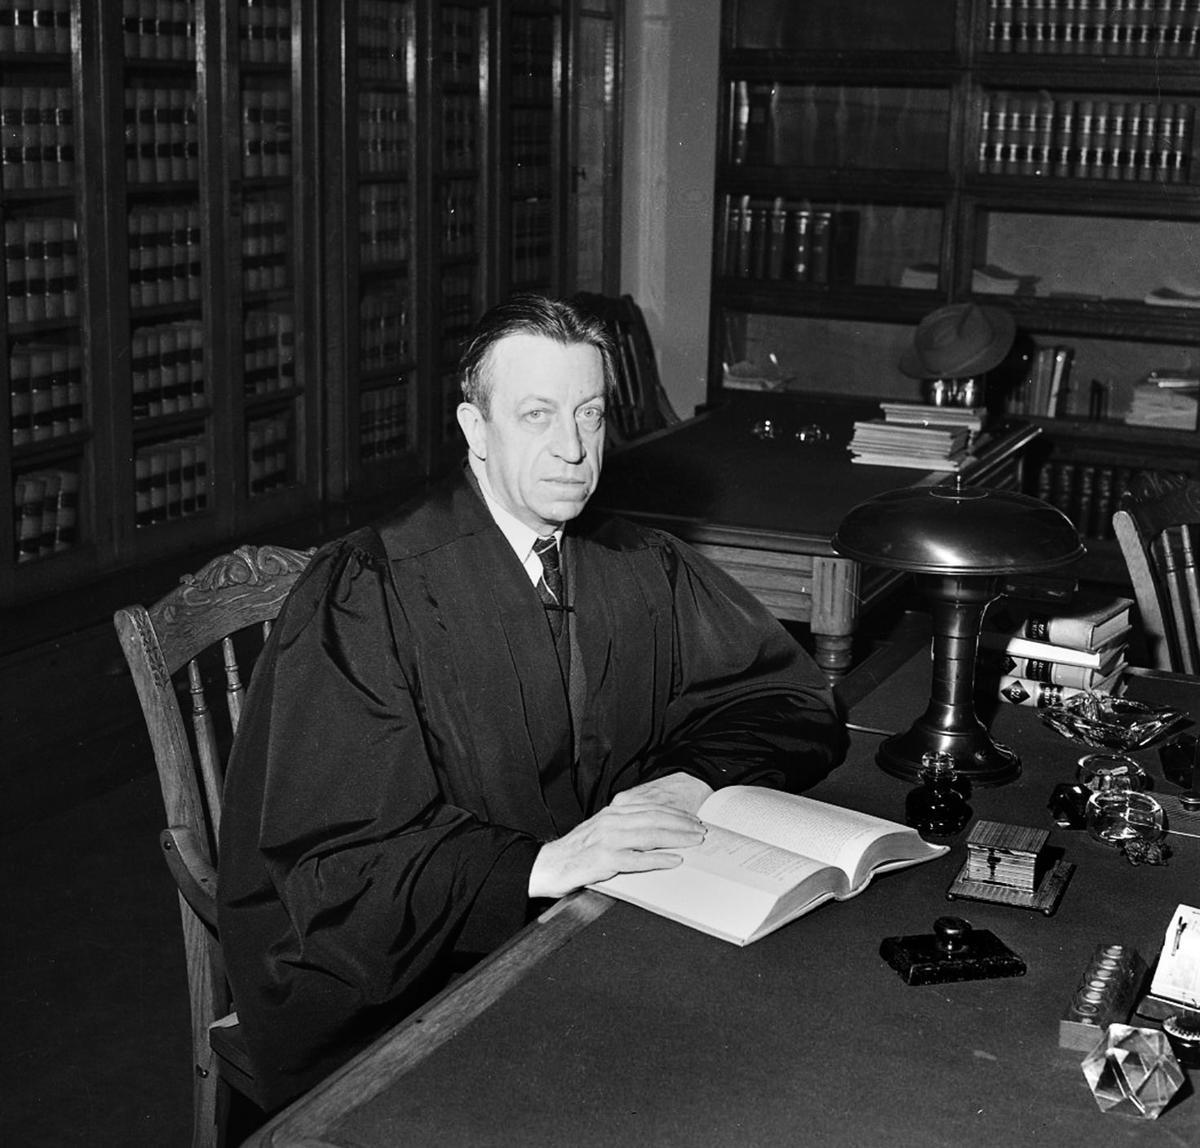 Judge Waties Waring